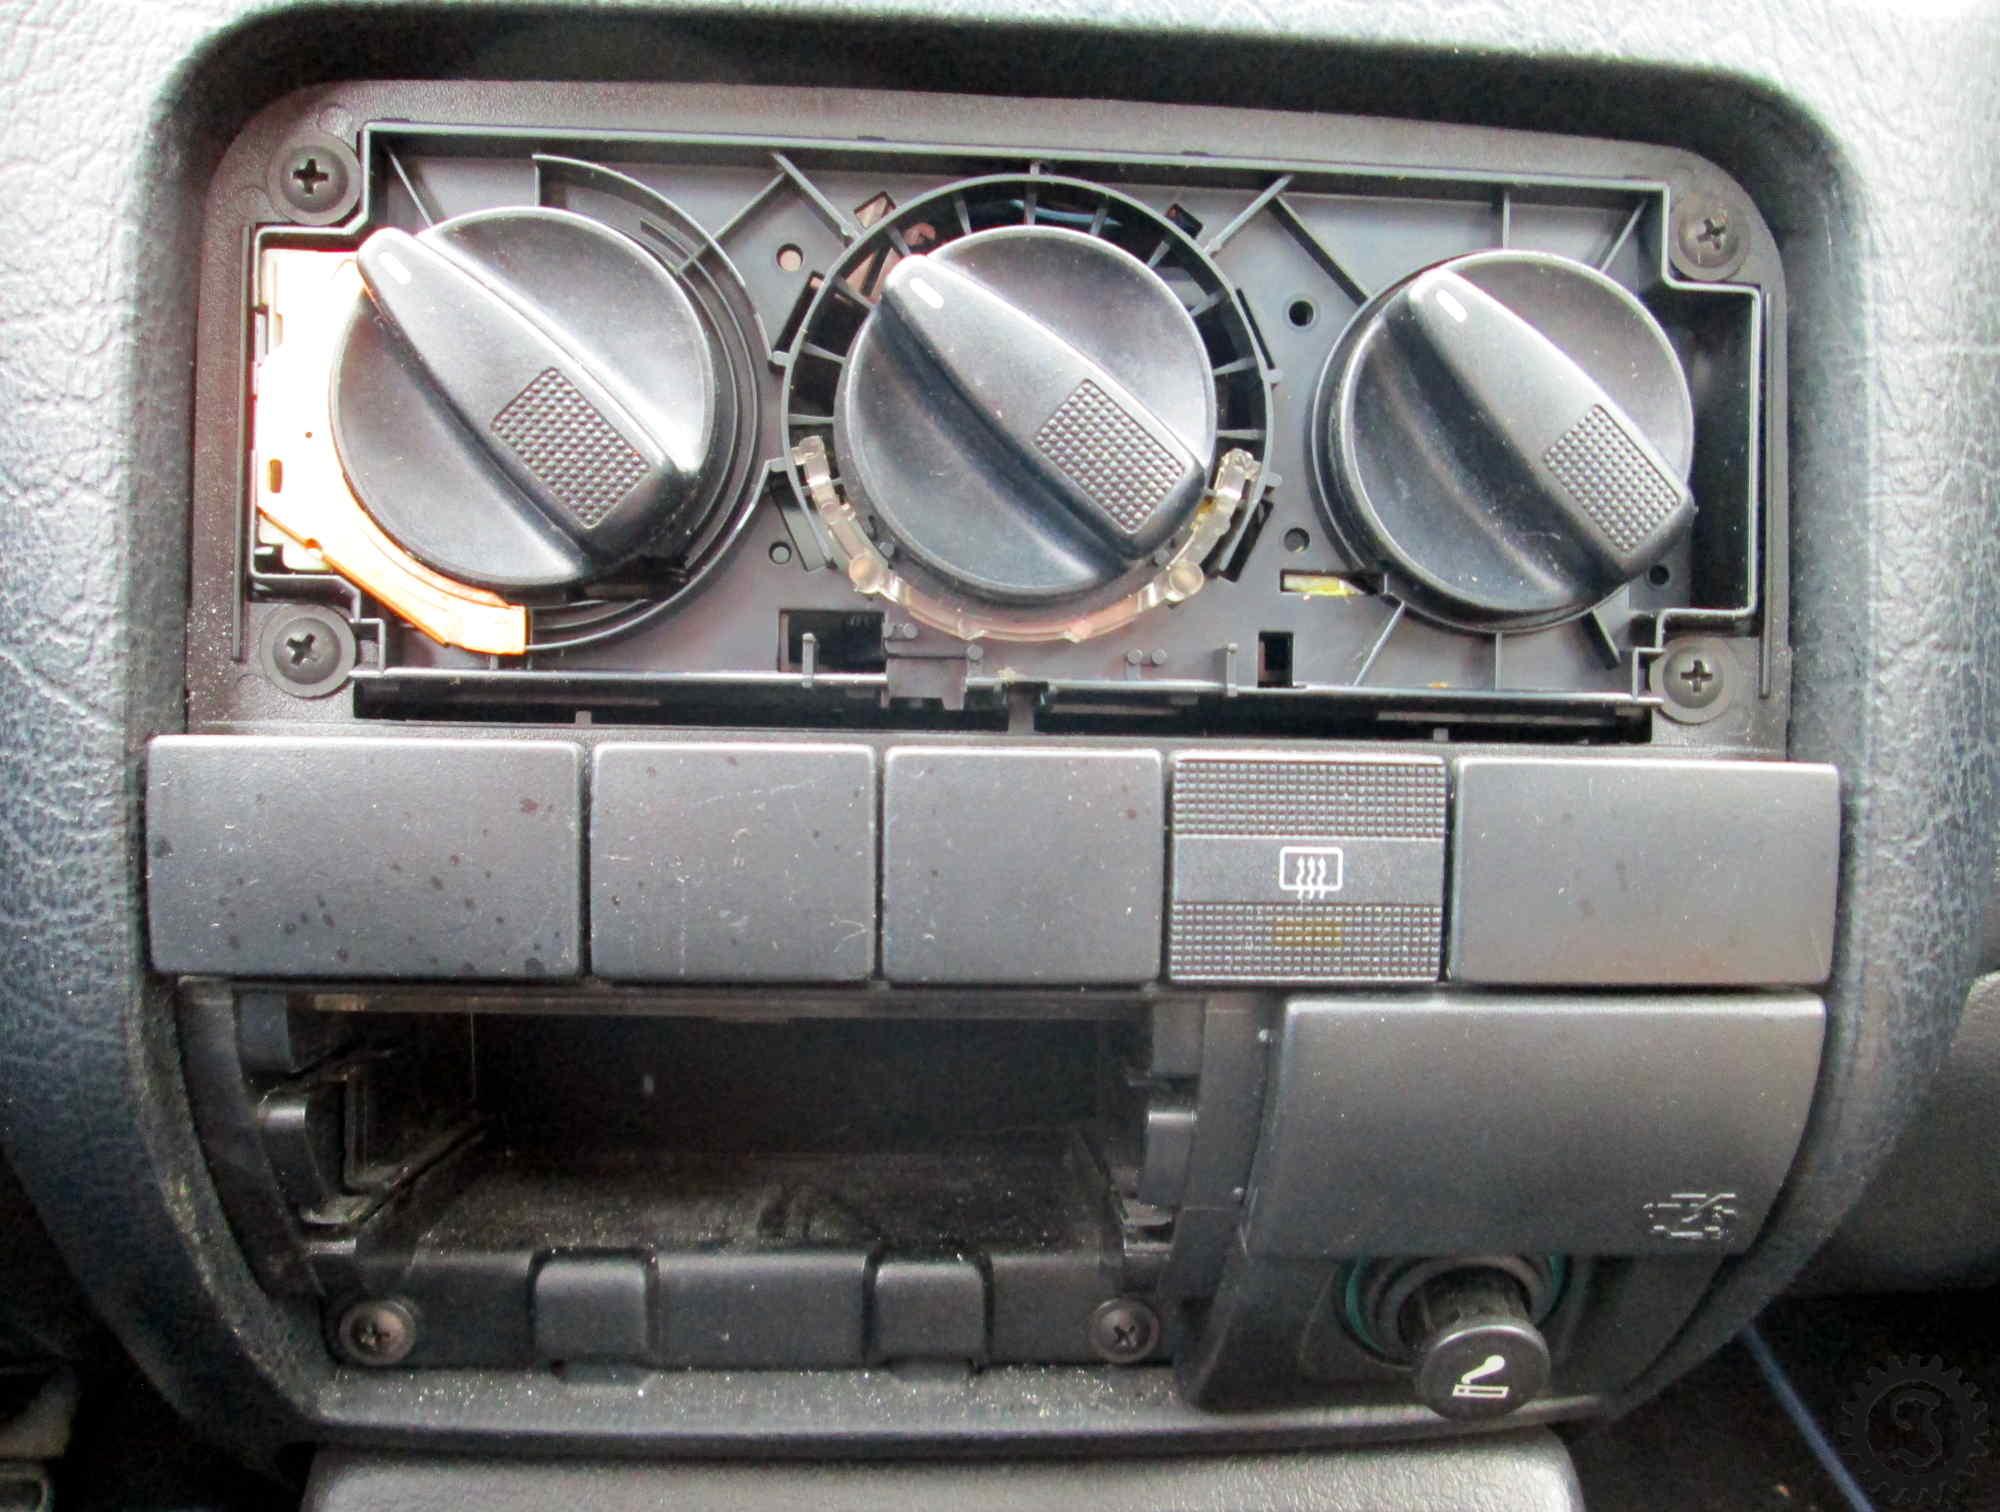 Bekannt Heizungsreglerbeleuchtung - Golf III - Jones' Werkstatt GF51